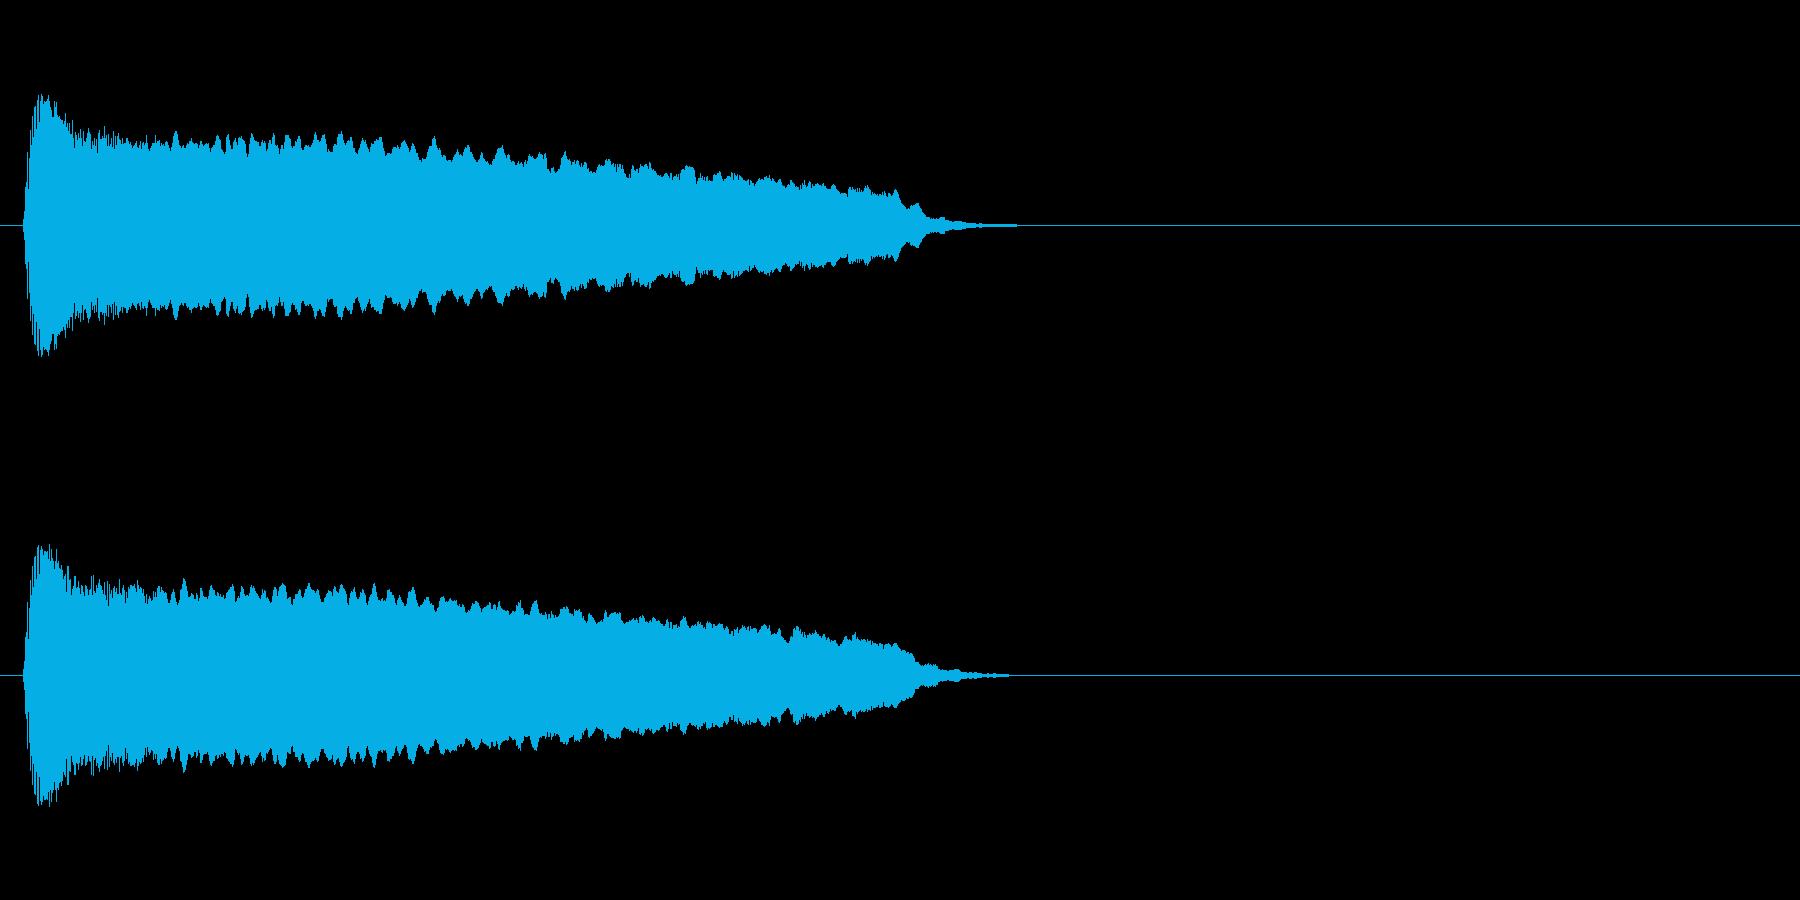 ピューーーン(逃げる音)の再生済みの波形